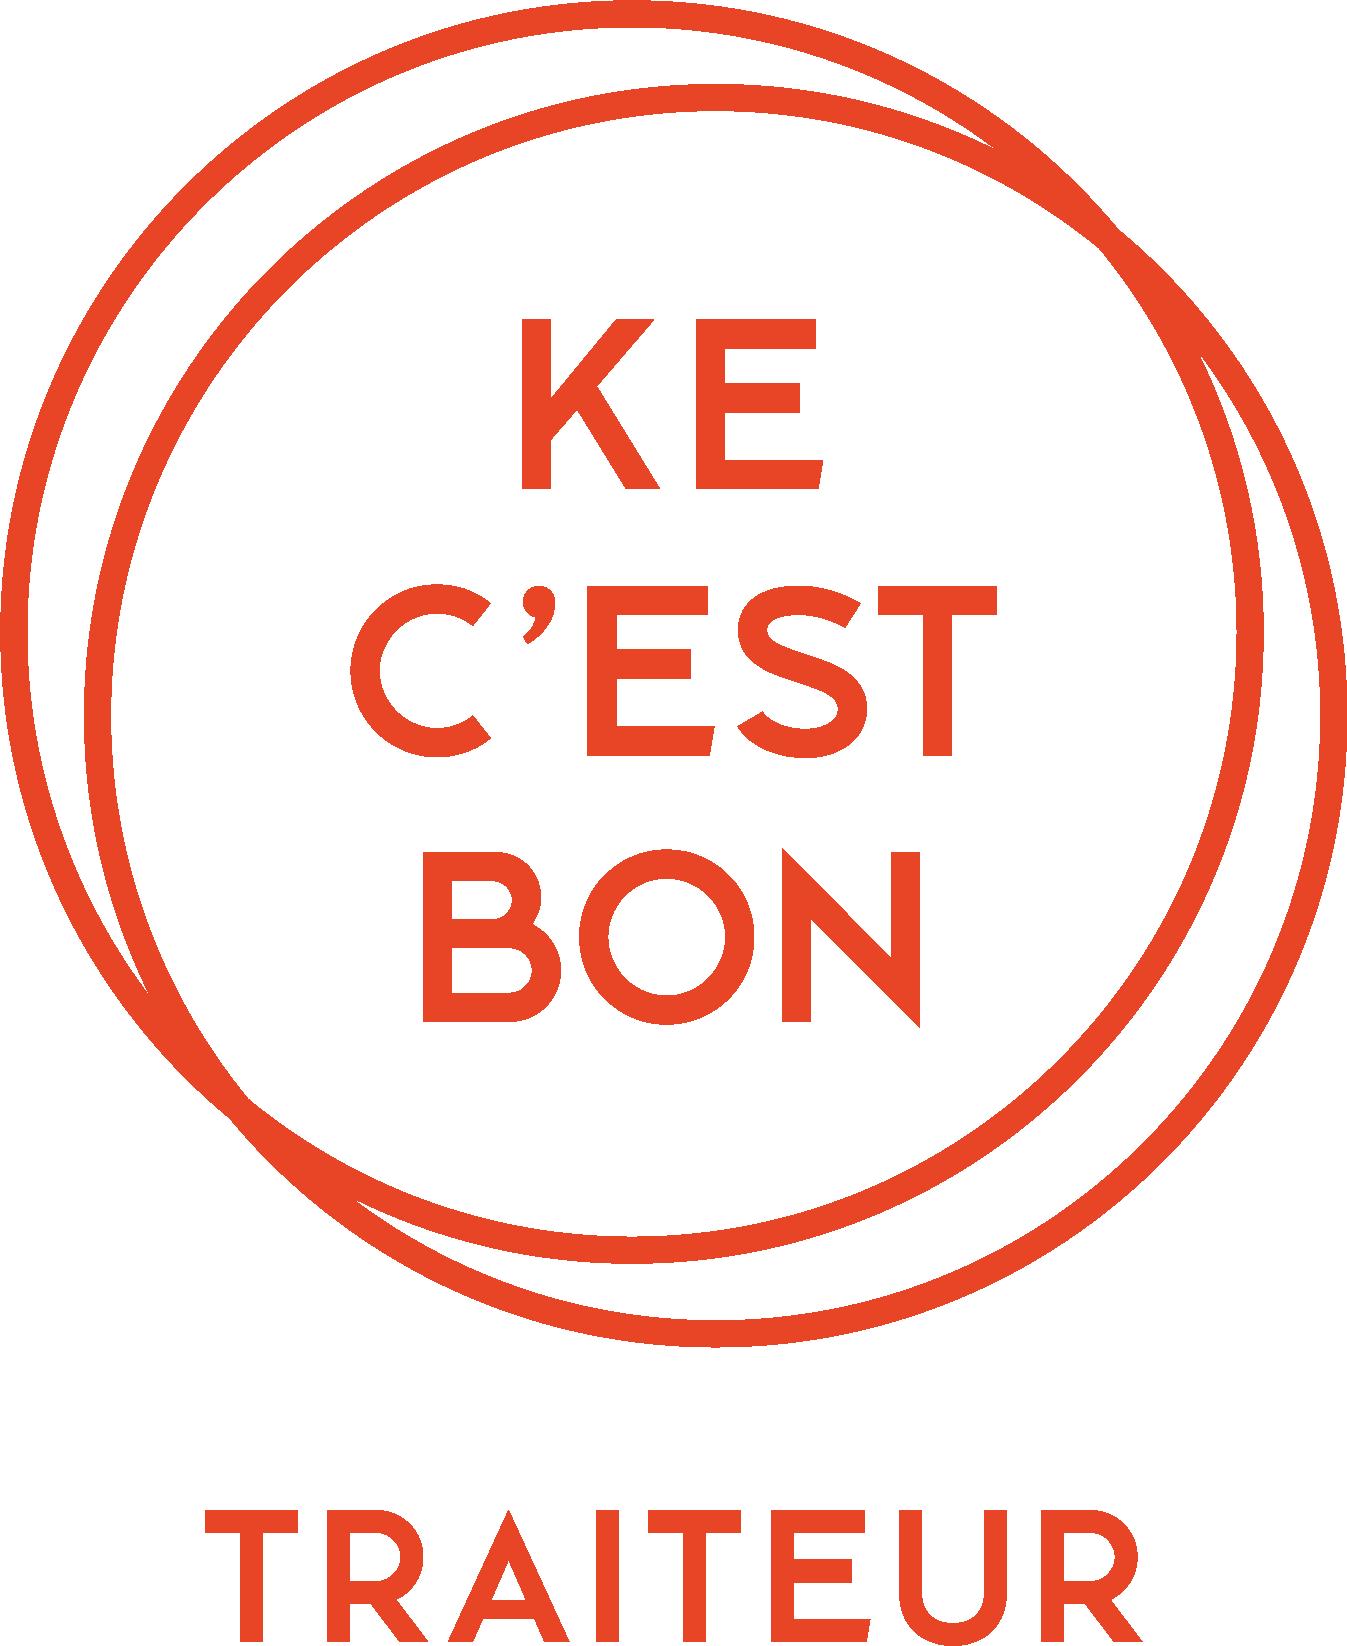 Ke C'est Bon traiteur | commande en ligne